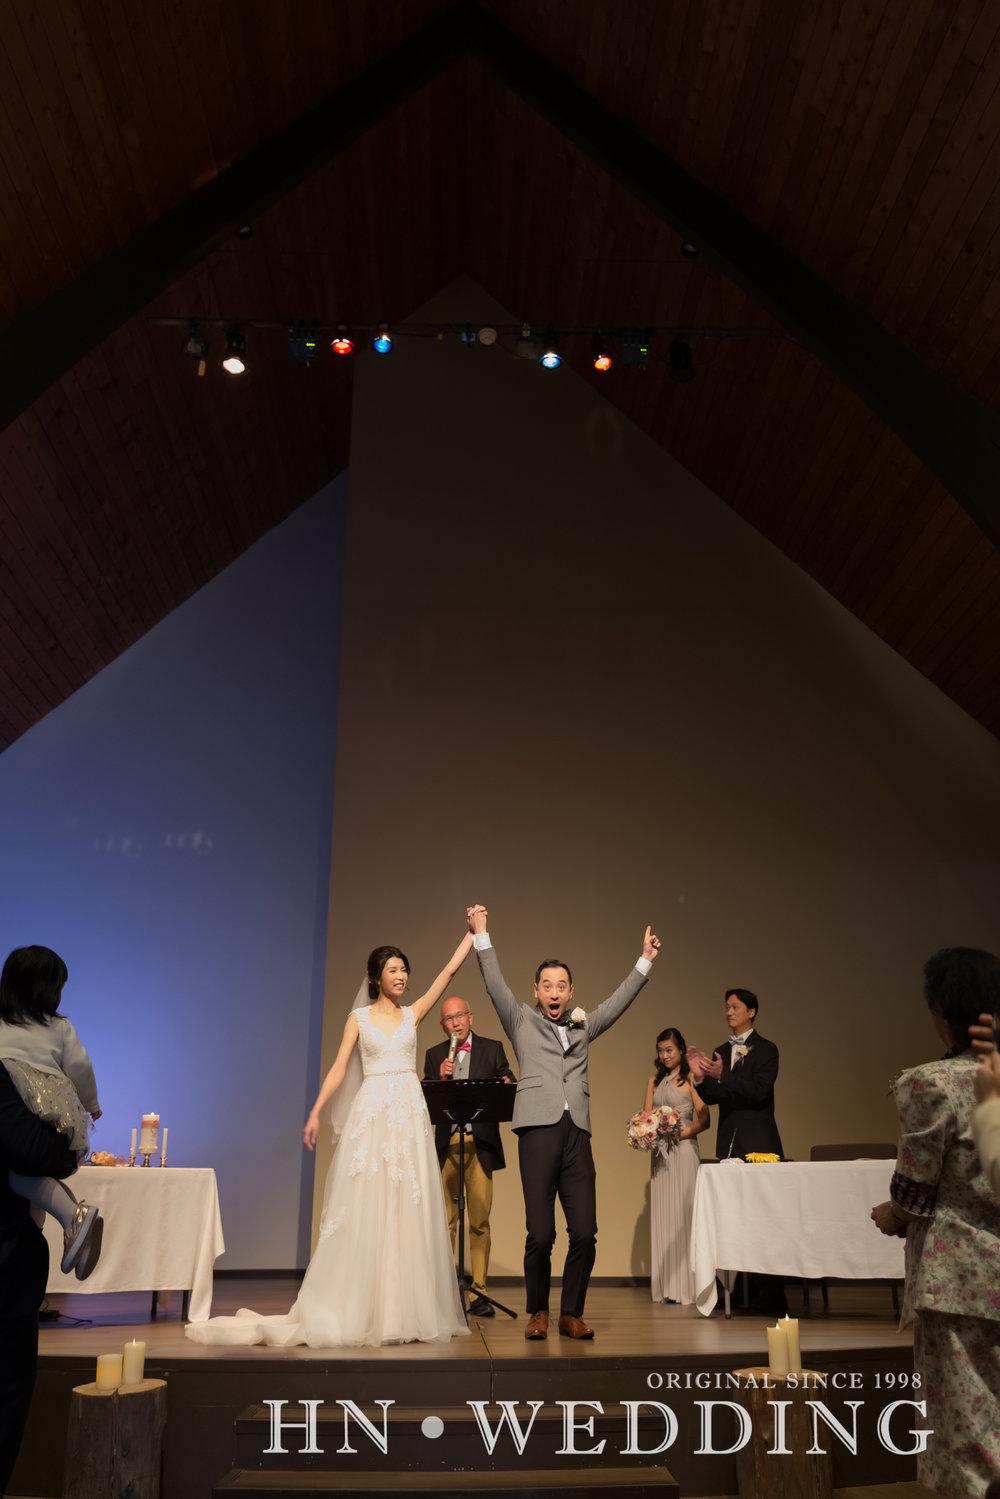 hnweddingweddingday20180526-32.jpg